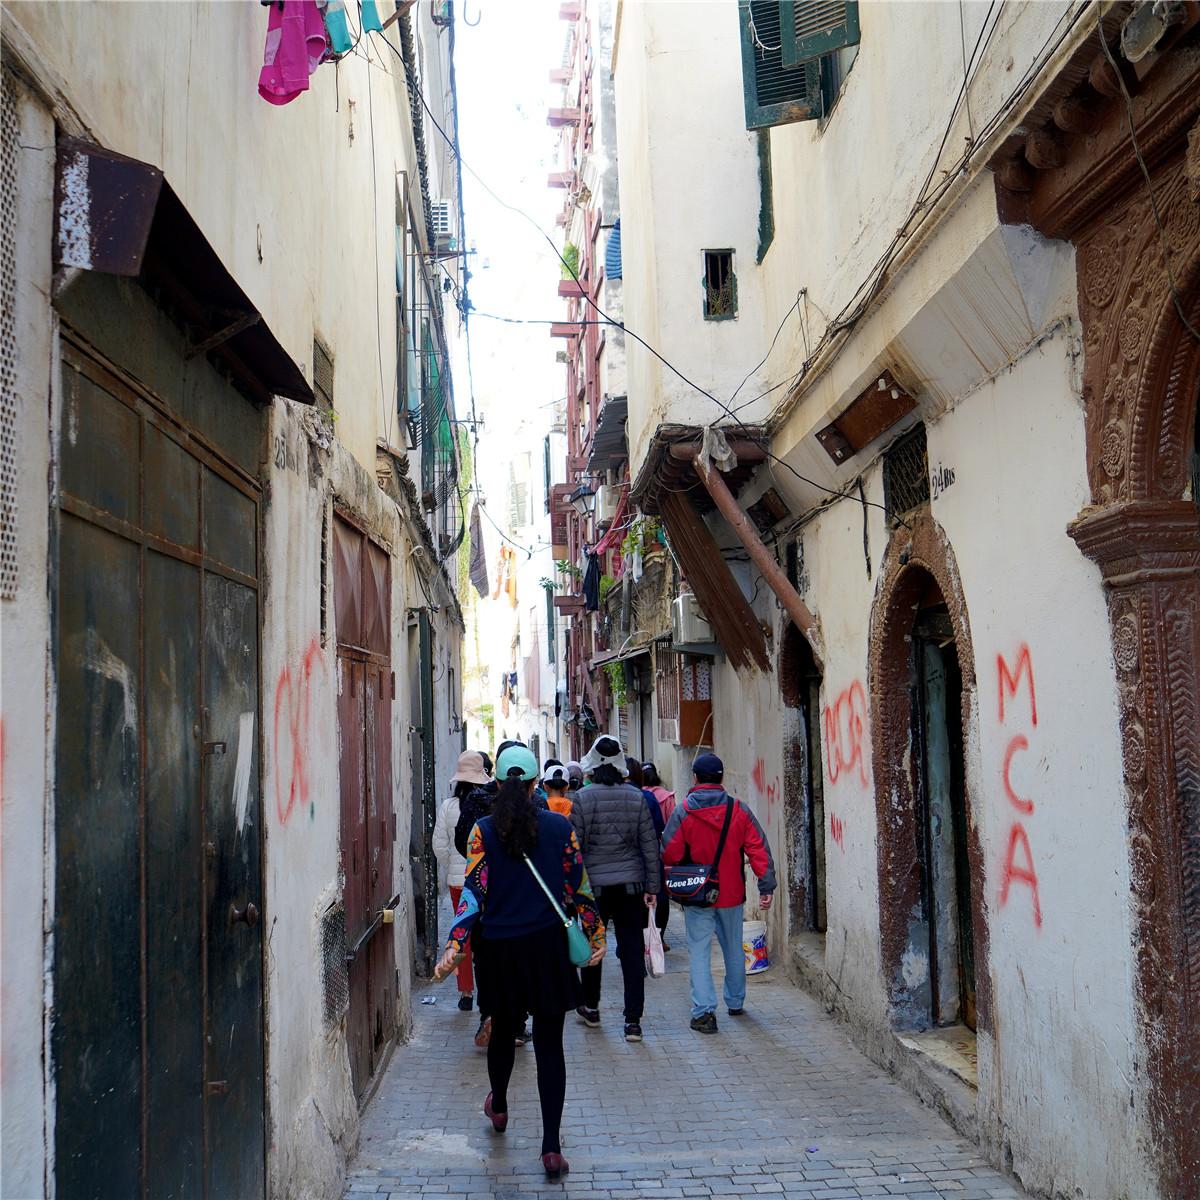 领略地中海古城的独特魅力